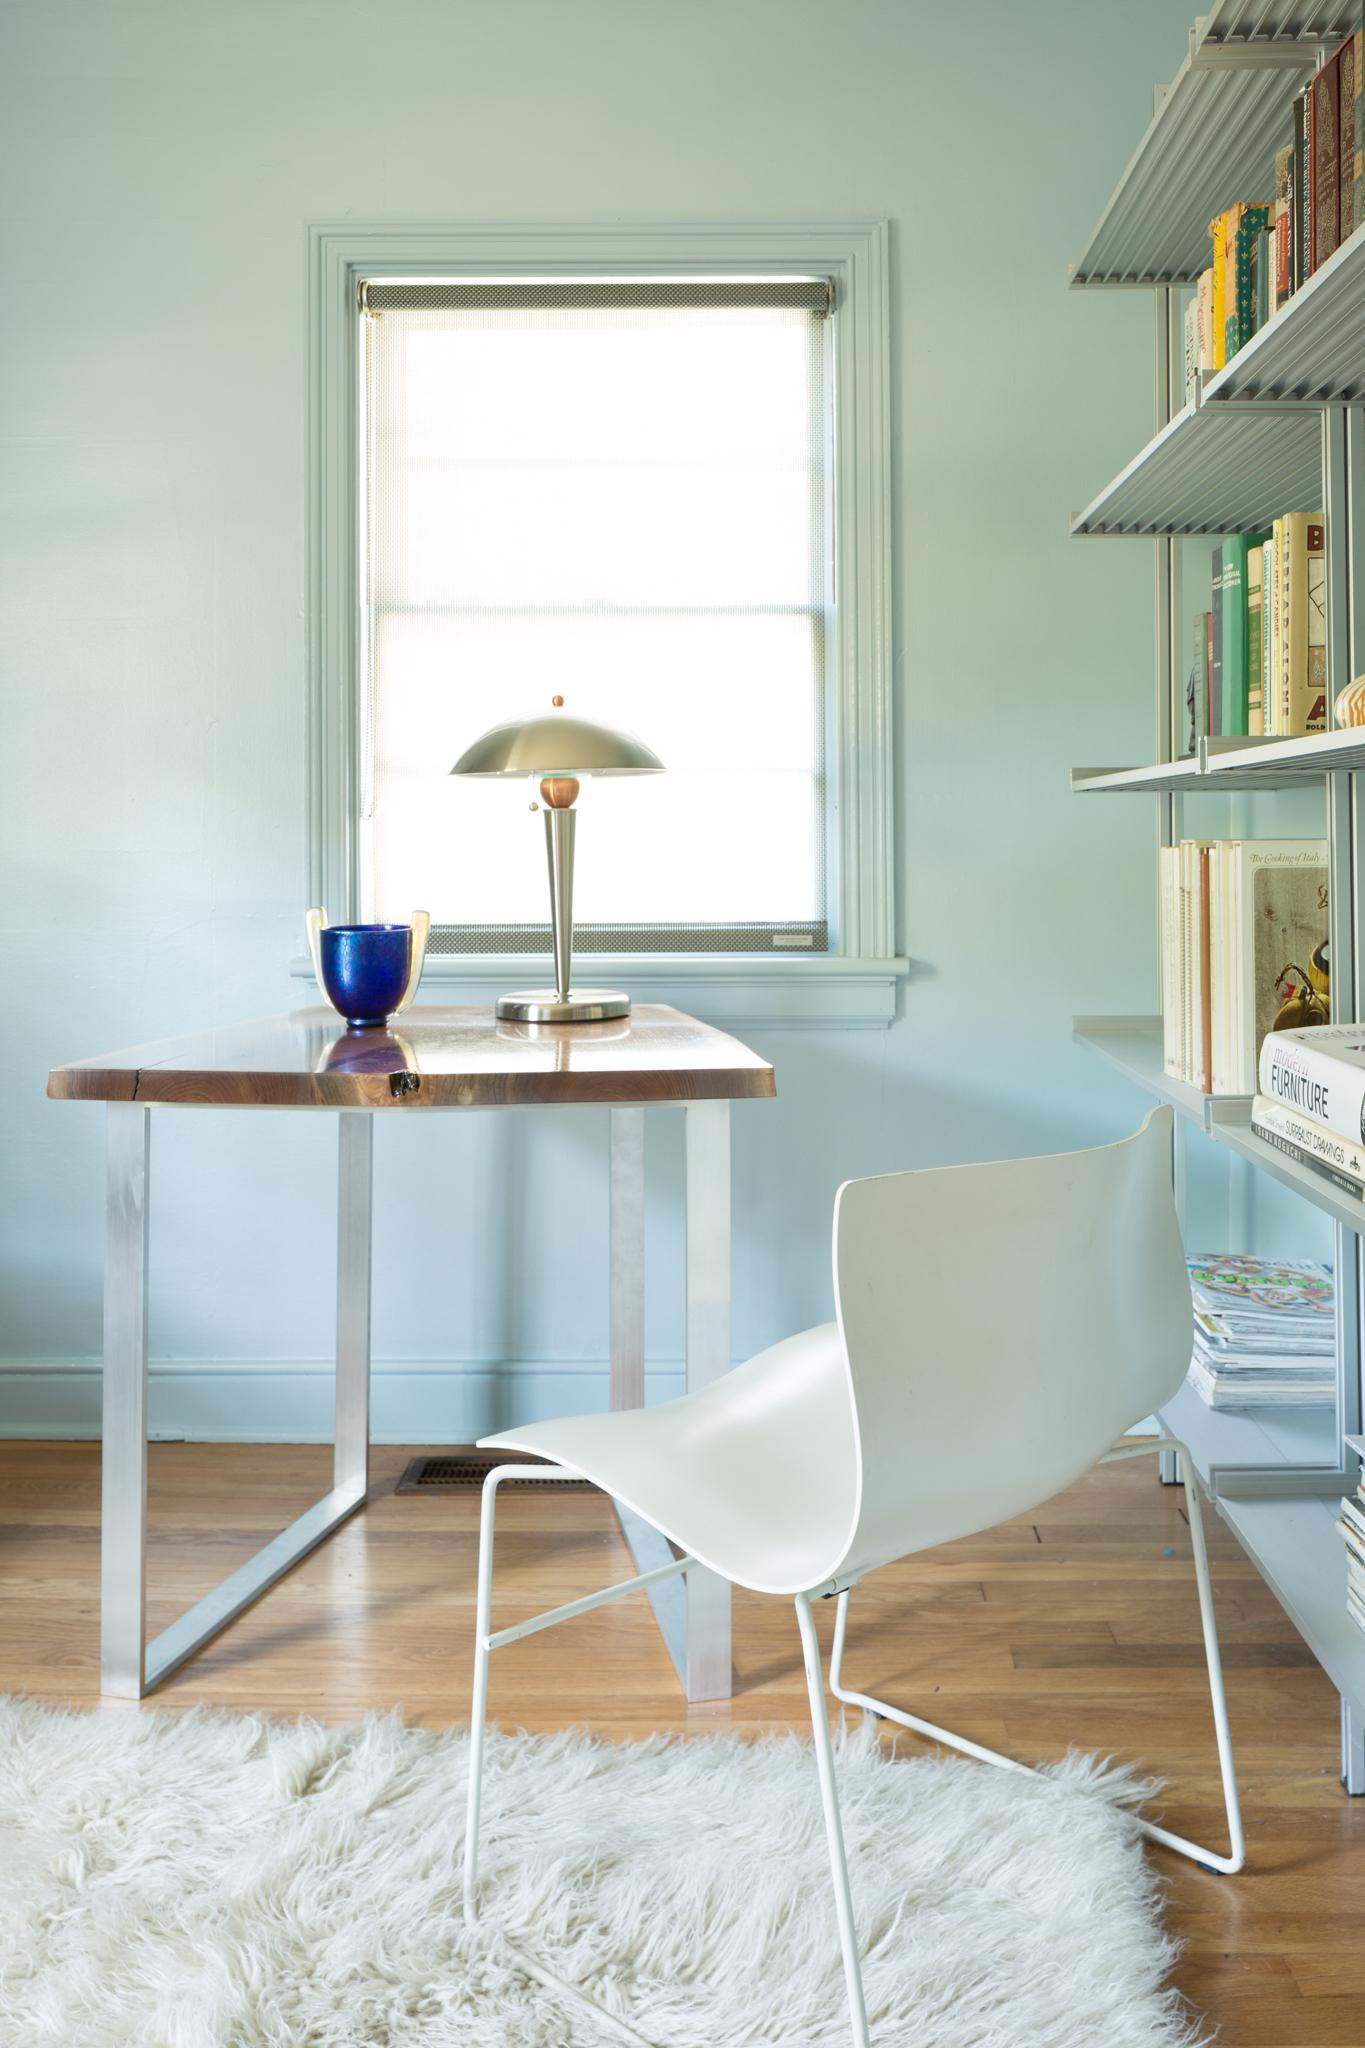 richmond-interior-design-19.jpg